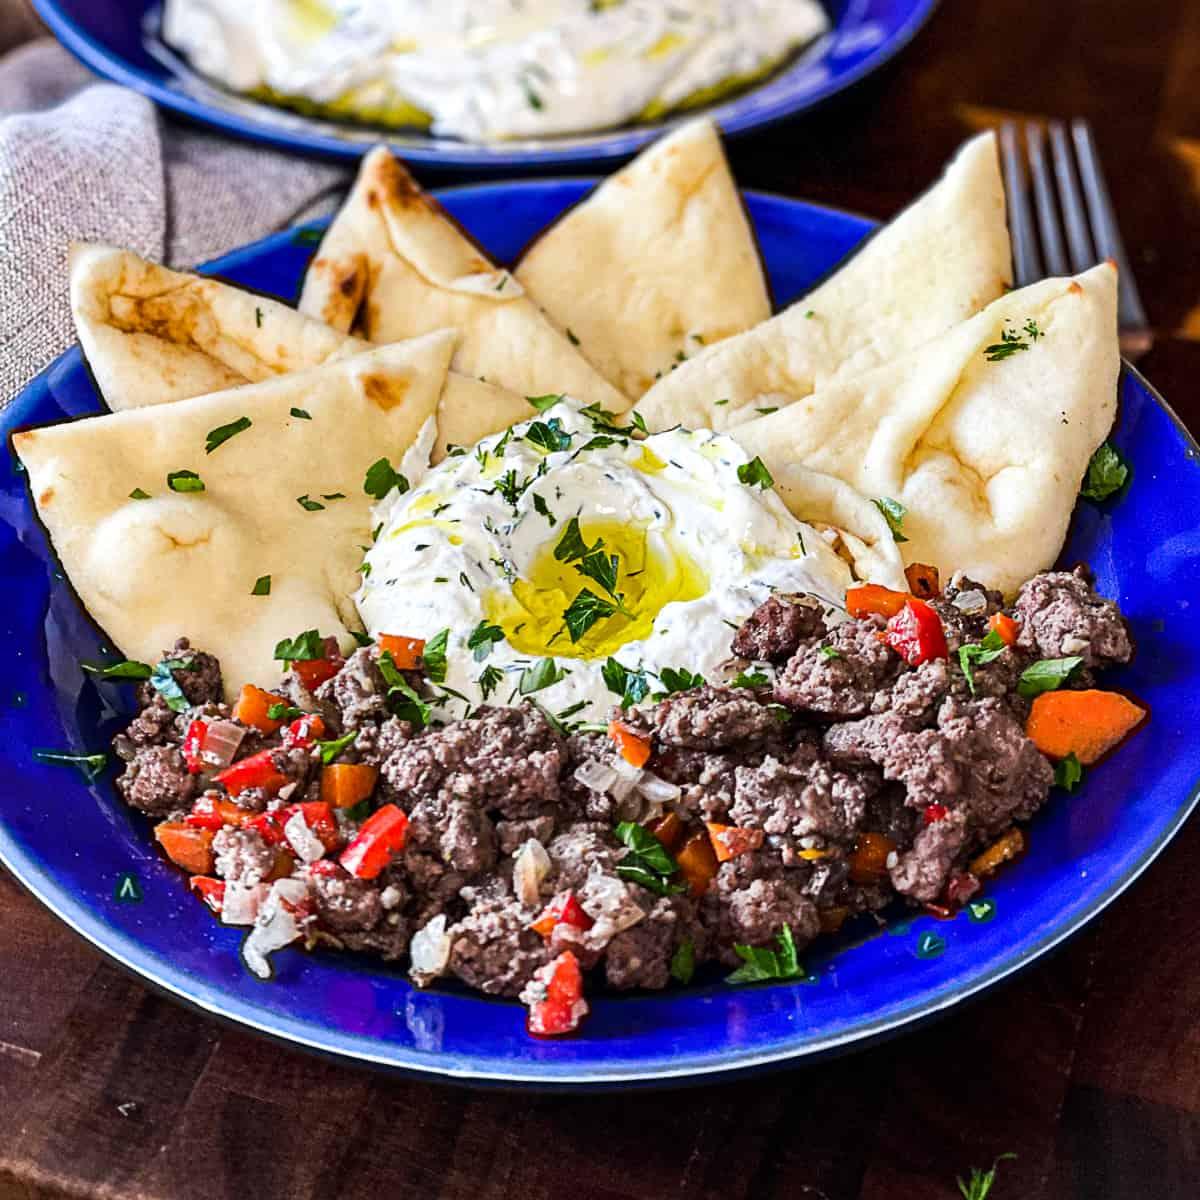 Mediterranean Ground Beef Platter